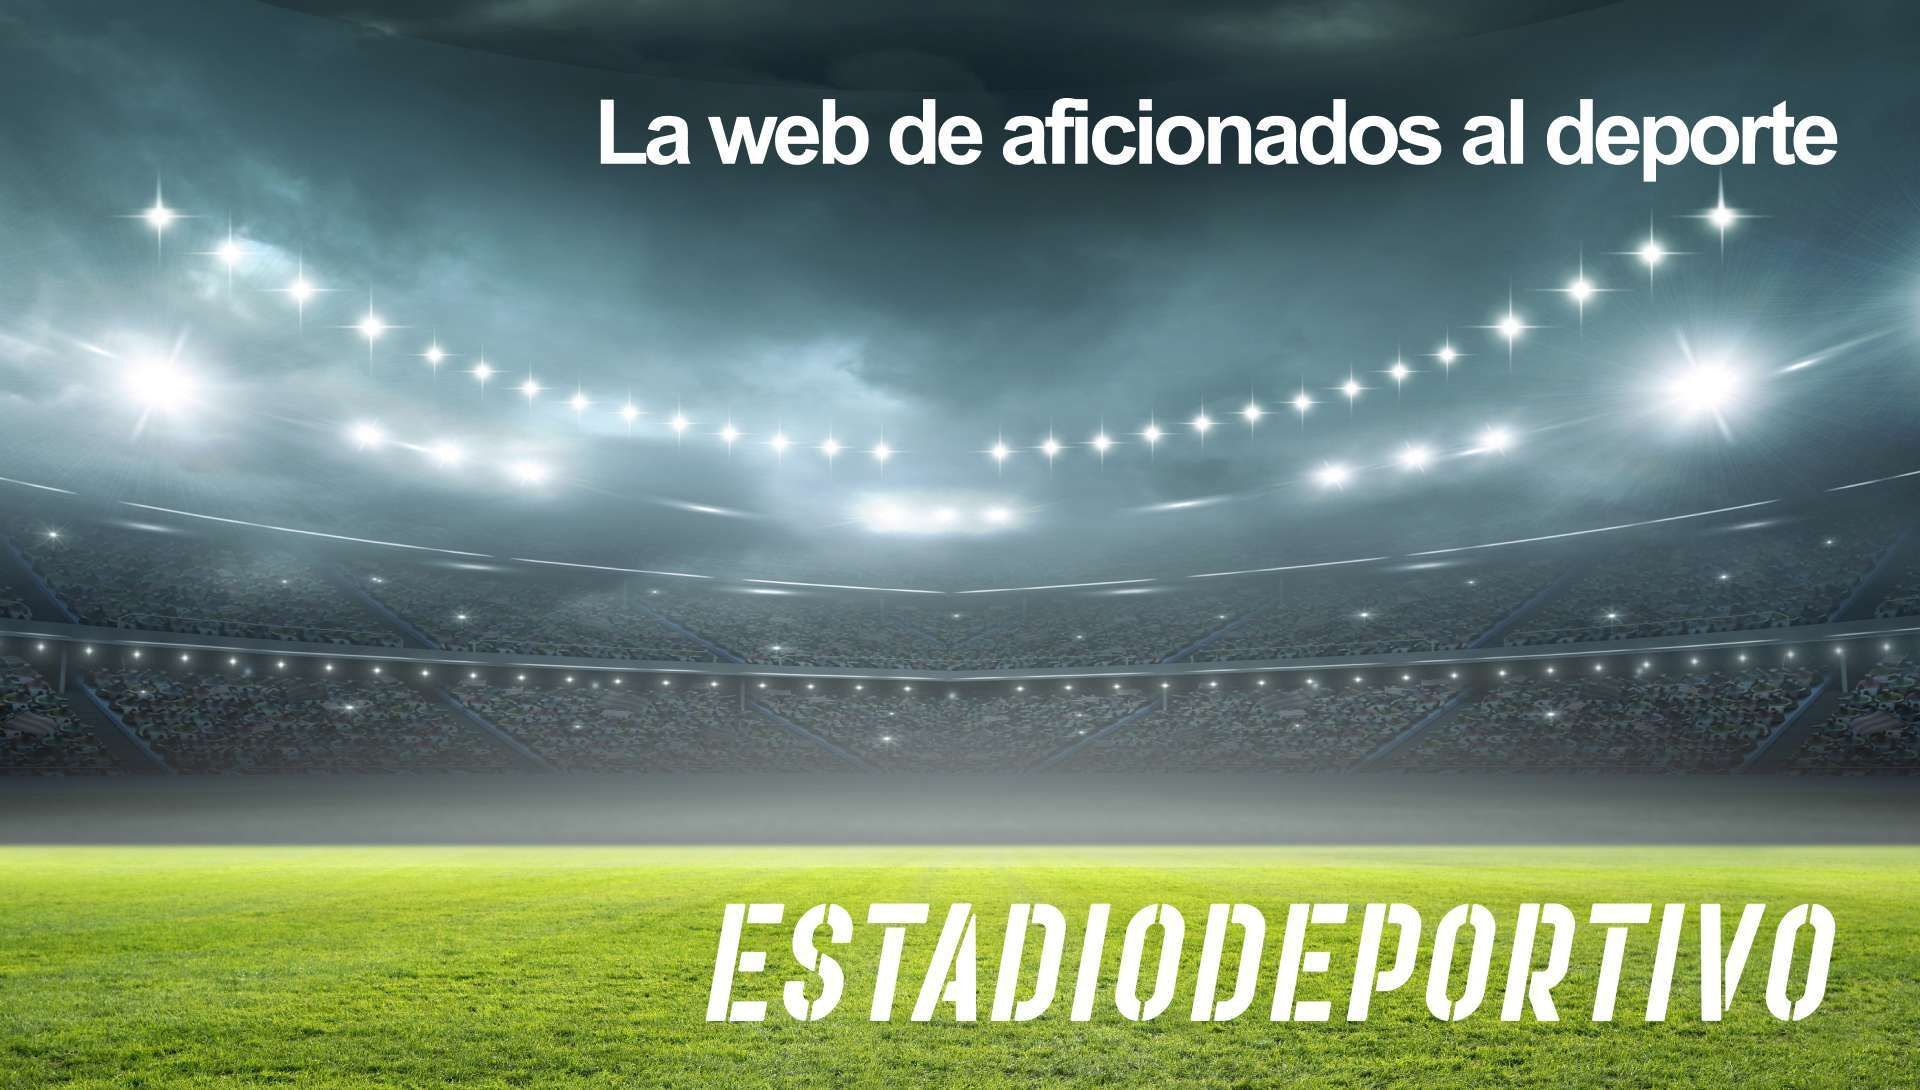 Las portadas del martes 6 de abril